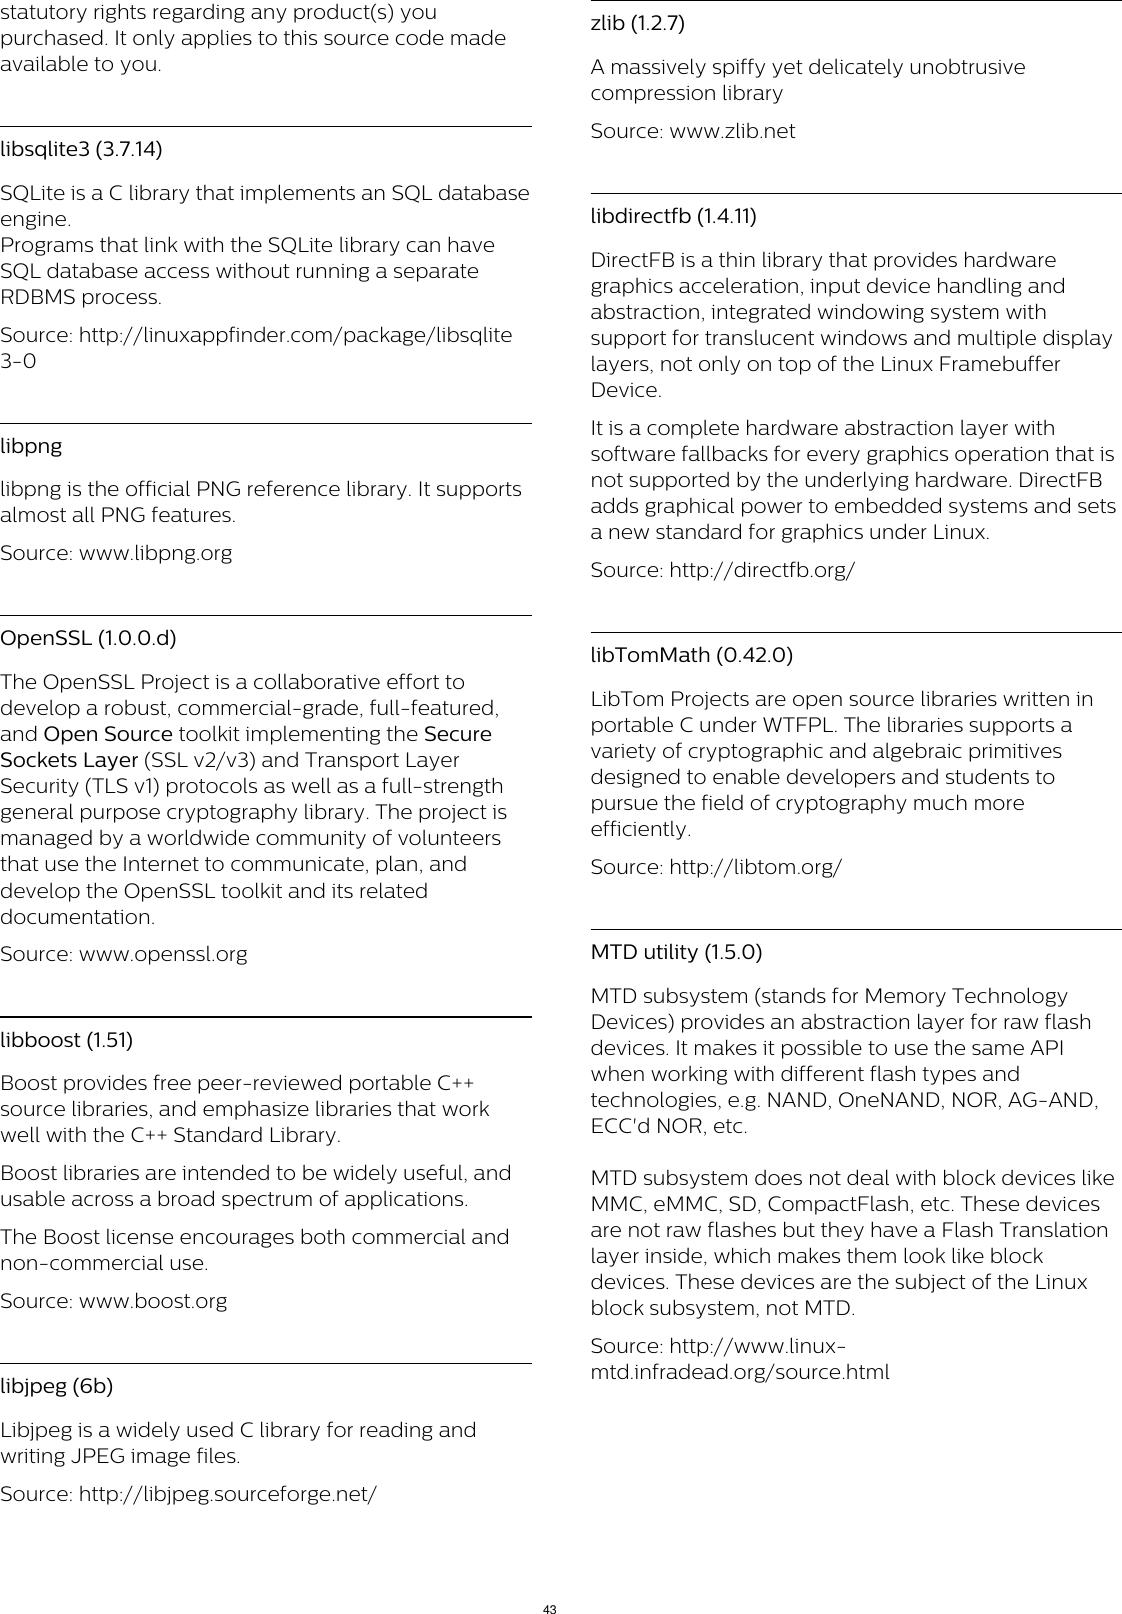 Philips 40PFH4200/88 User Manual Instrukcja Obsługi 40pfh4200 88 Dfu Eng